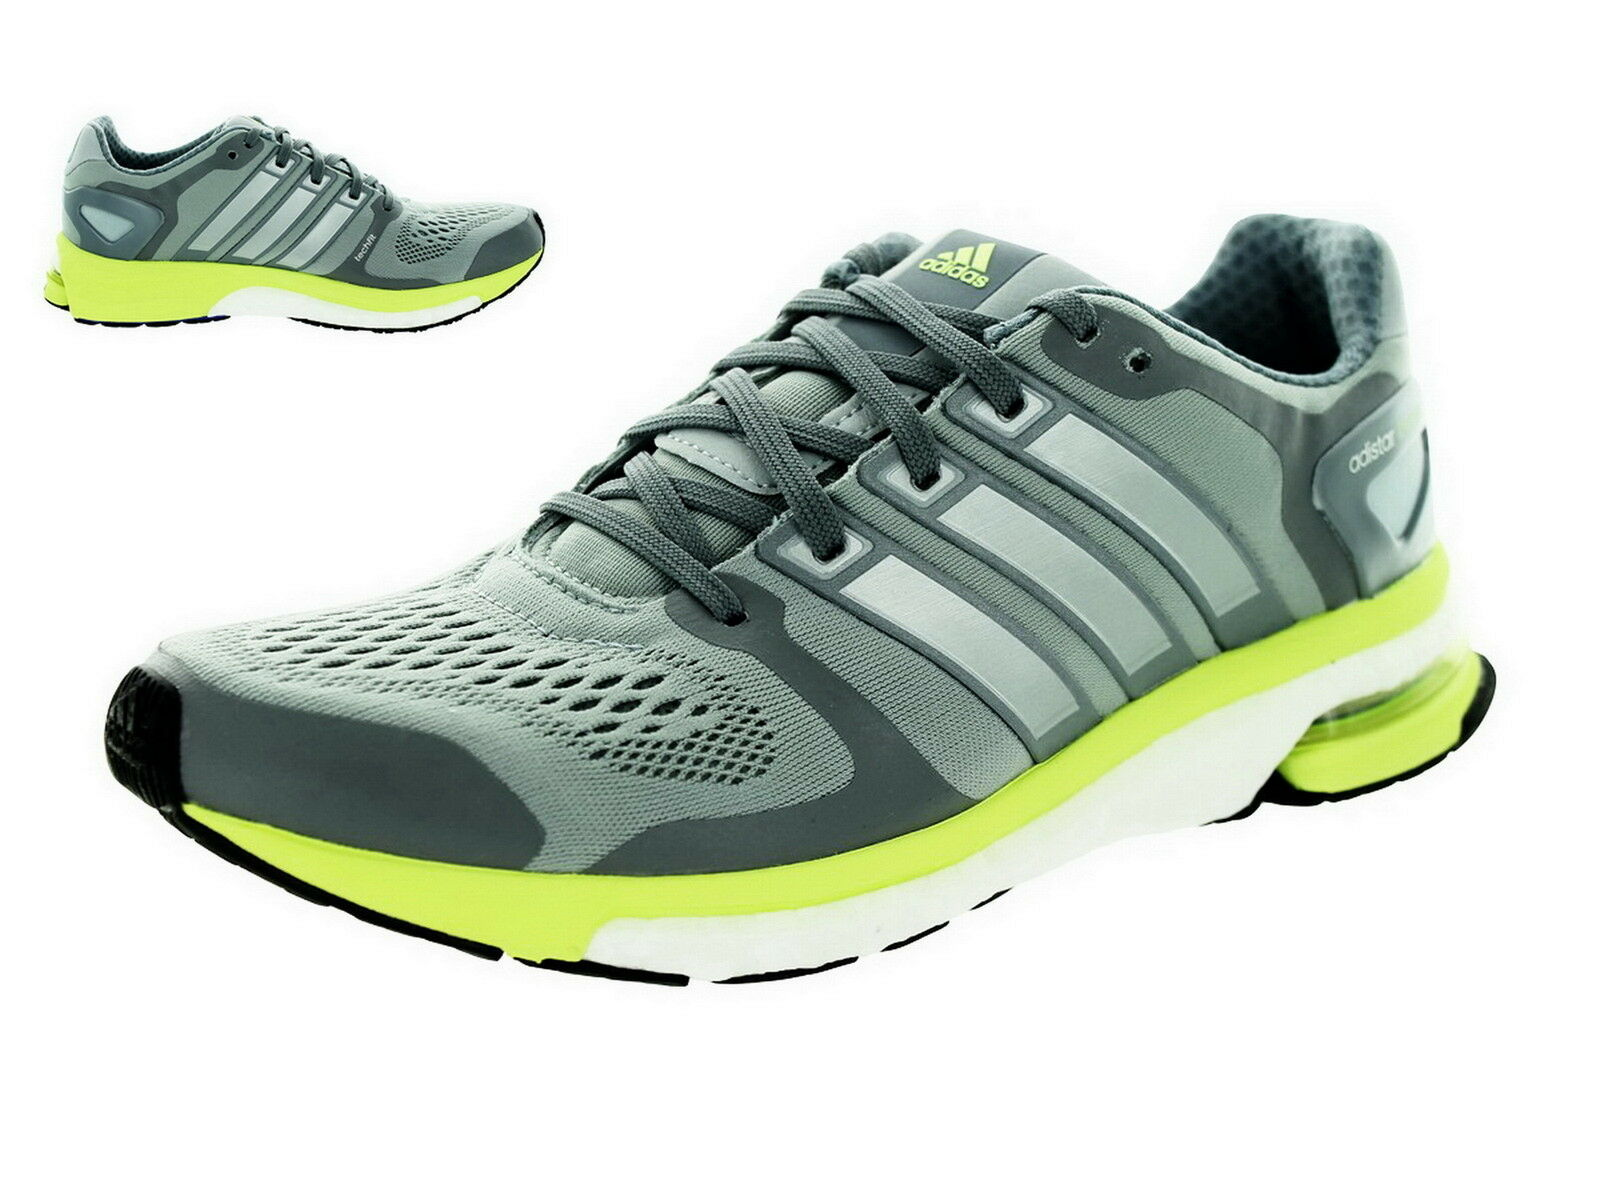 Adidas Adistar Boost W ESM DaSie Laufen B26737 Light grau Lime Grün